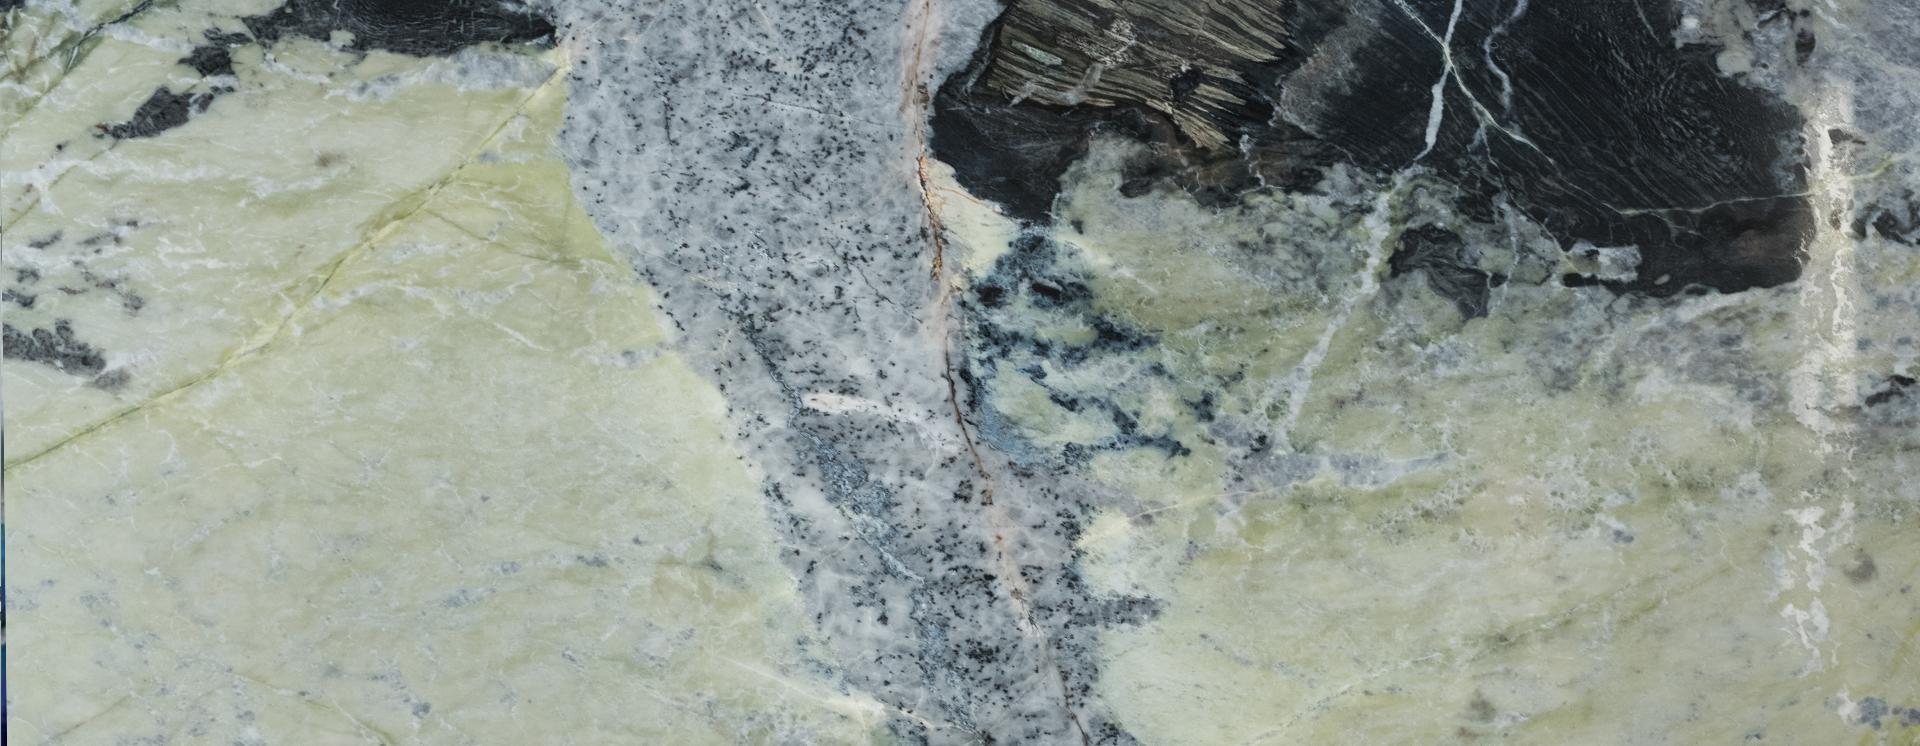 בחירה באבנים טבעיות פותחת בפניכם עולם שלם של אפשרויות האם אתם רוצים ריצוף שישתלב בקו העיצובי הקיים או שישבור אותו? הכנו עבורכם את המדריך המלא לסוגי הריצופים המובילים